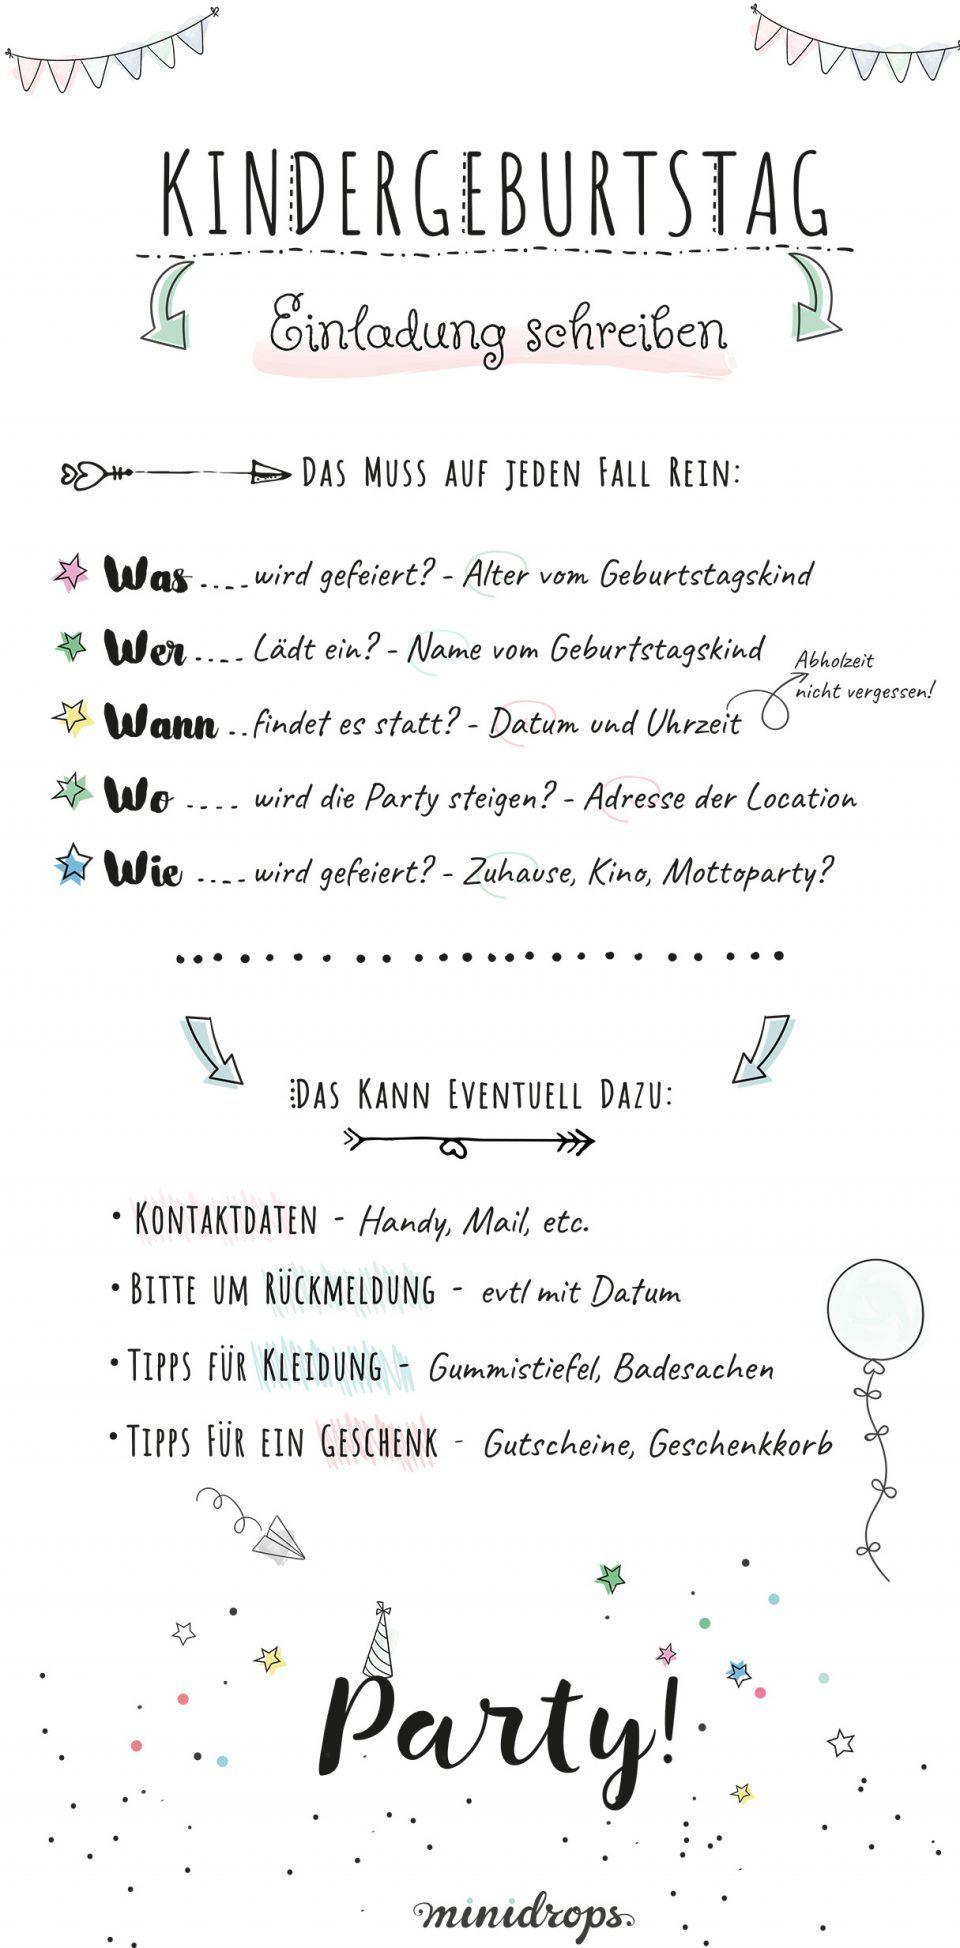 Lovely Texte Einladungen Geburtstag #7: Text Ideen Für Die Einladung Zum Kindergeburtstag U2022 Minidrops